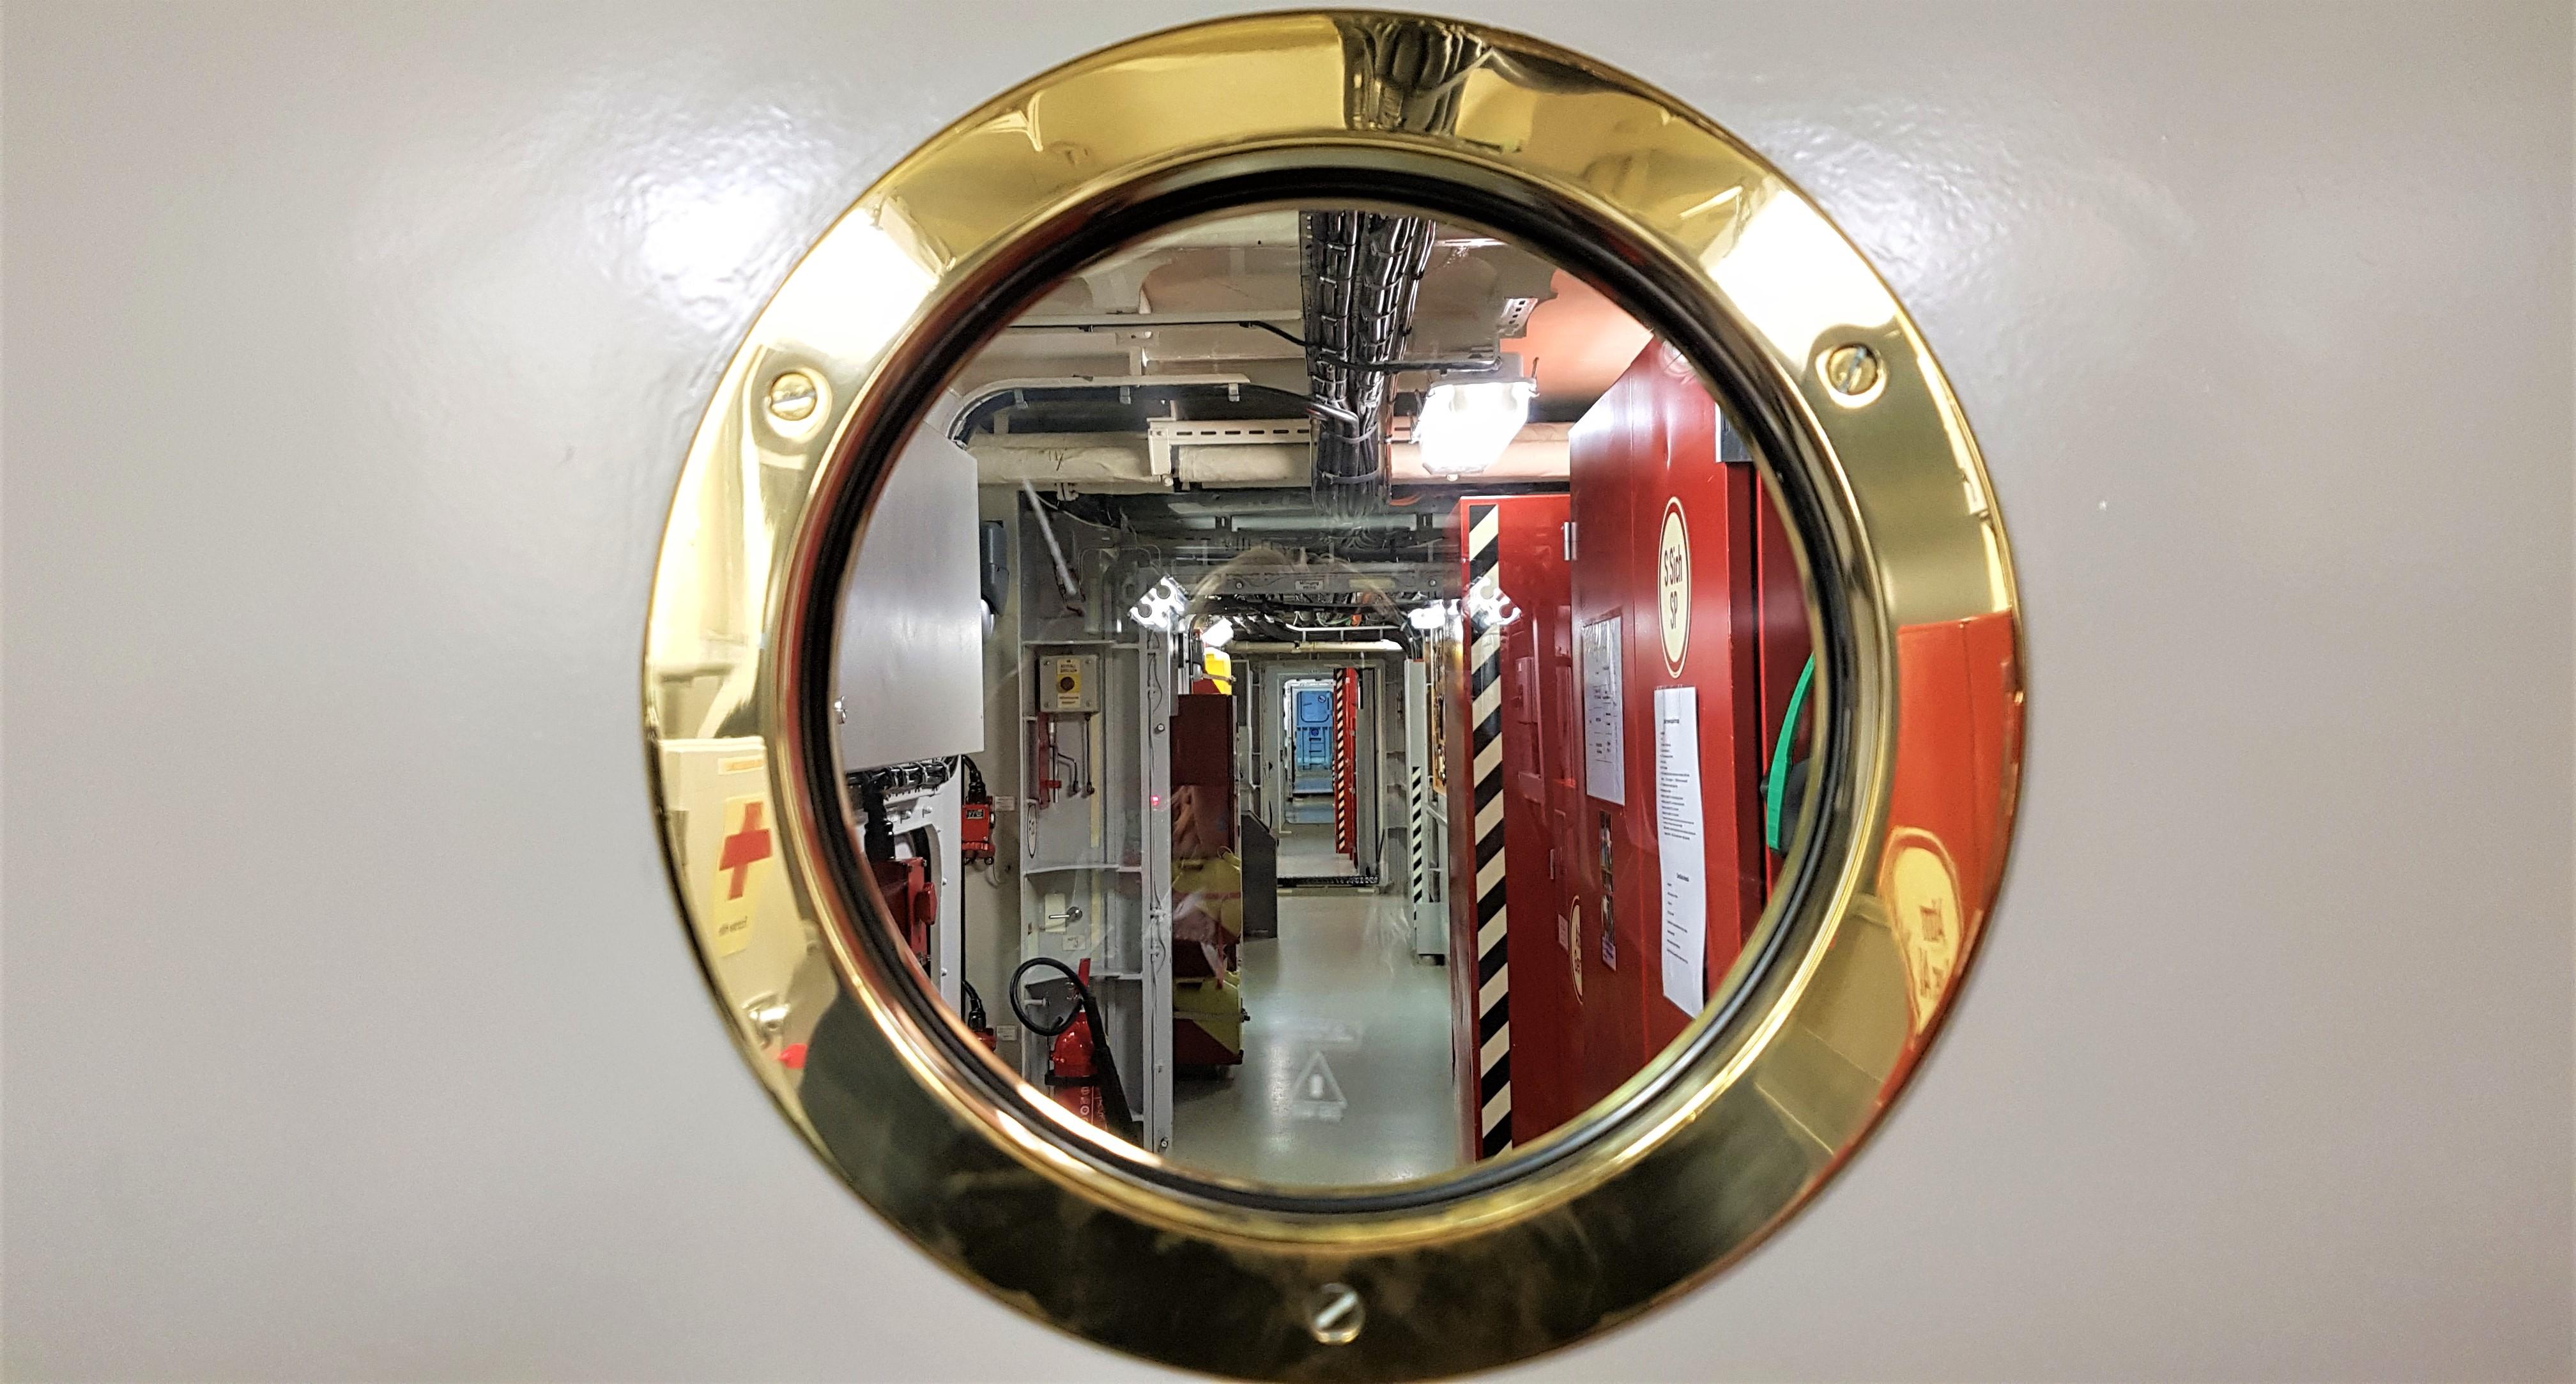 Blick - unter Deck - in die Fregatte SCHLESWIG HOLSTEIN. Mehr über den Bordalltag zur Zeit in einer Ausstellung im Marine-Ehrenmal in Laboe. Foto: May-Barg.